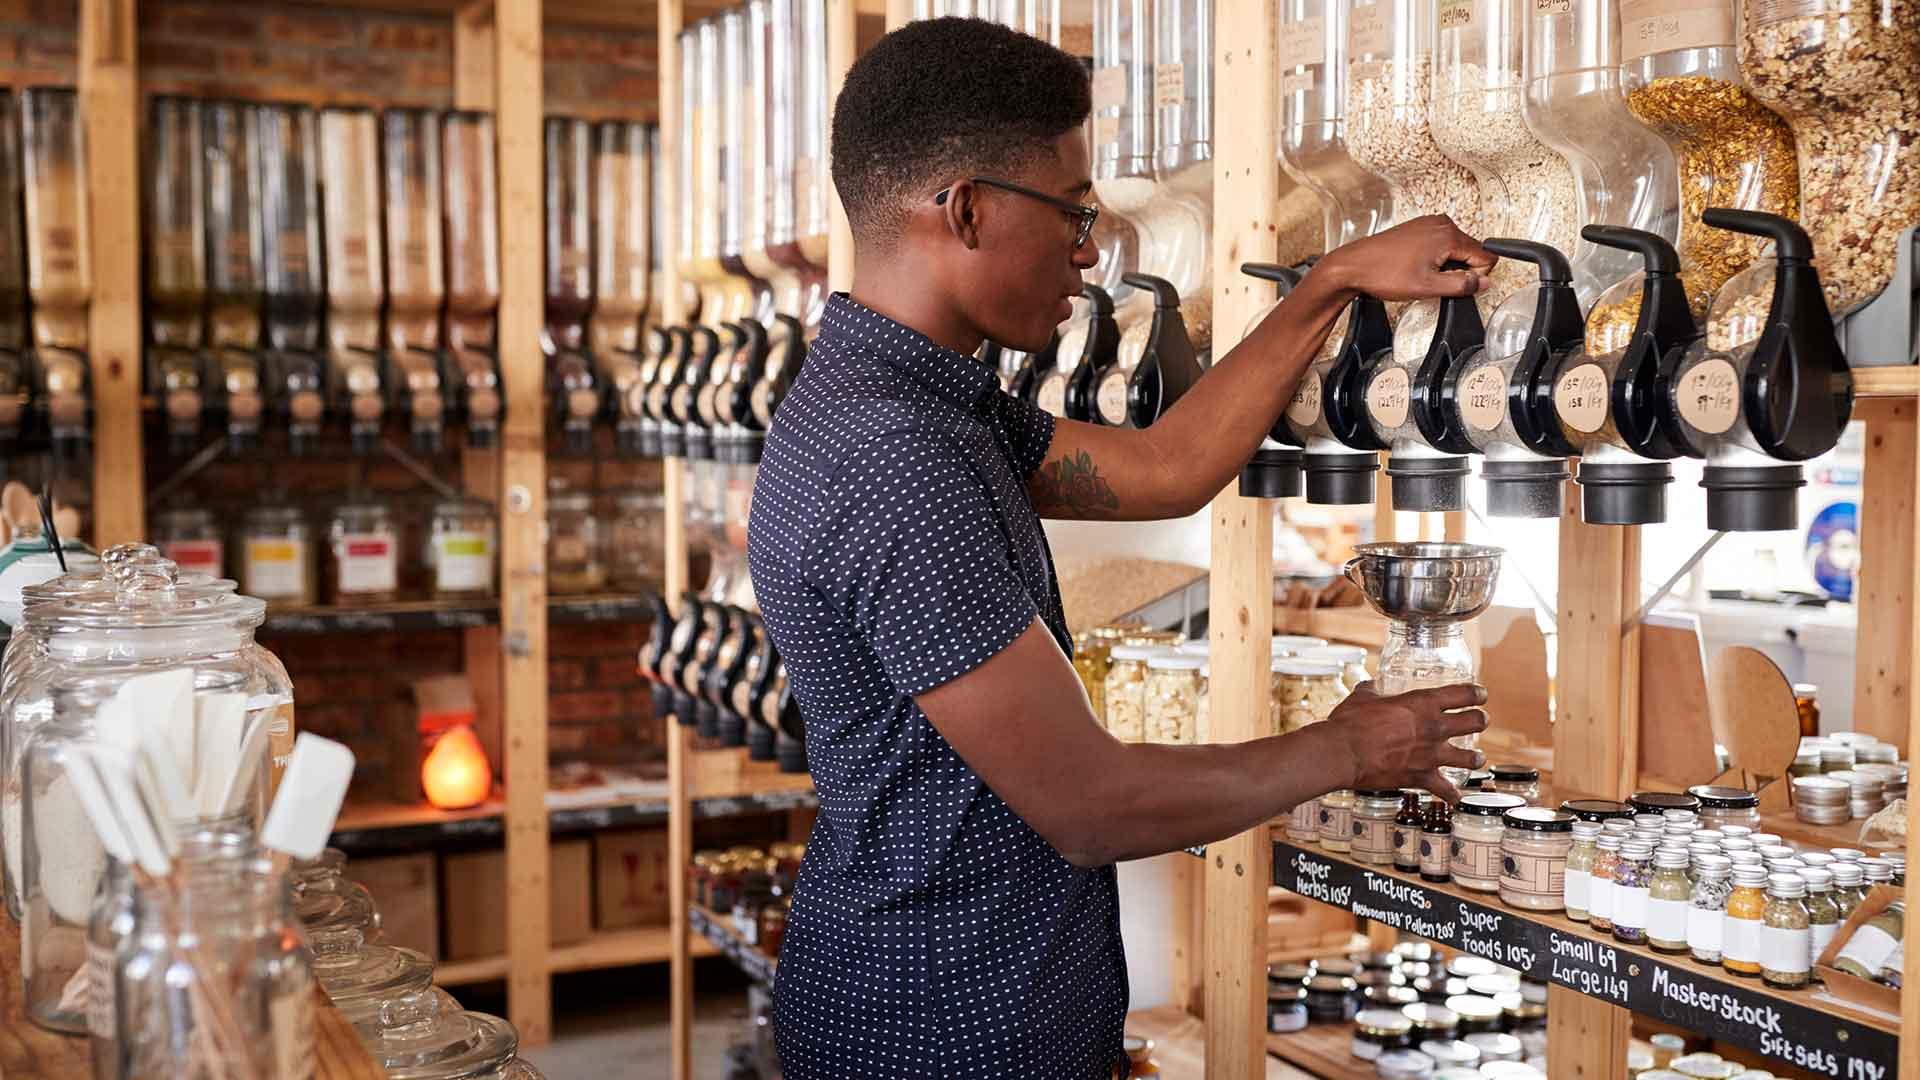 Mann füllt sich Müsli in einem Unverpackt-Laden selbst ab